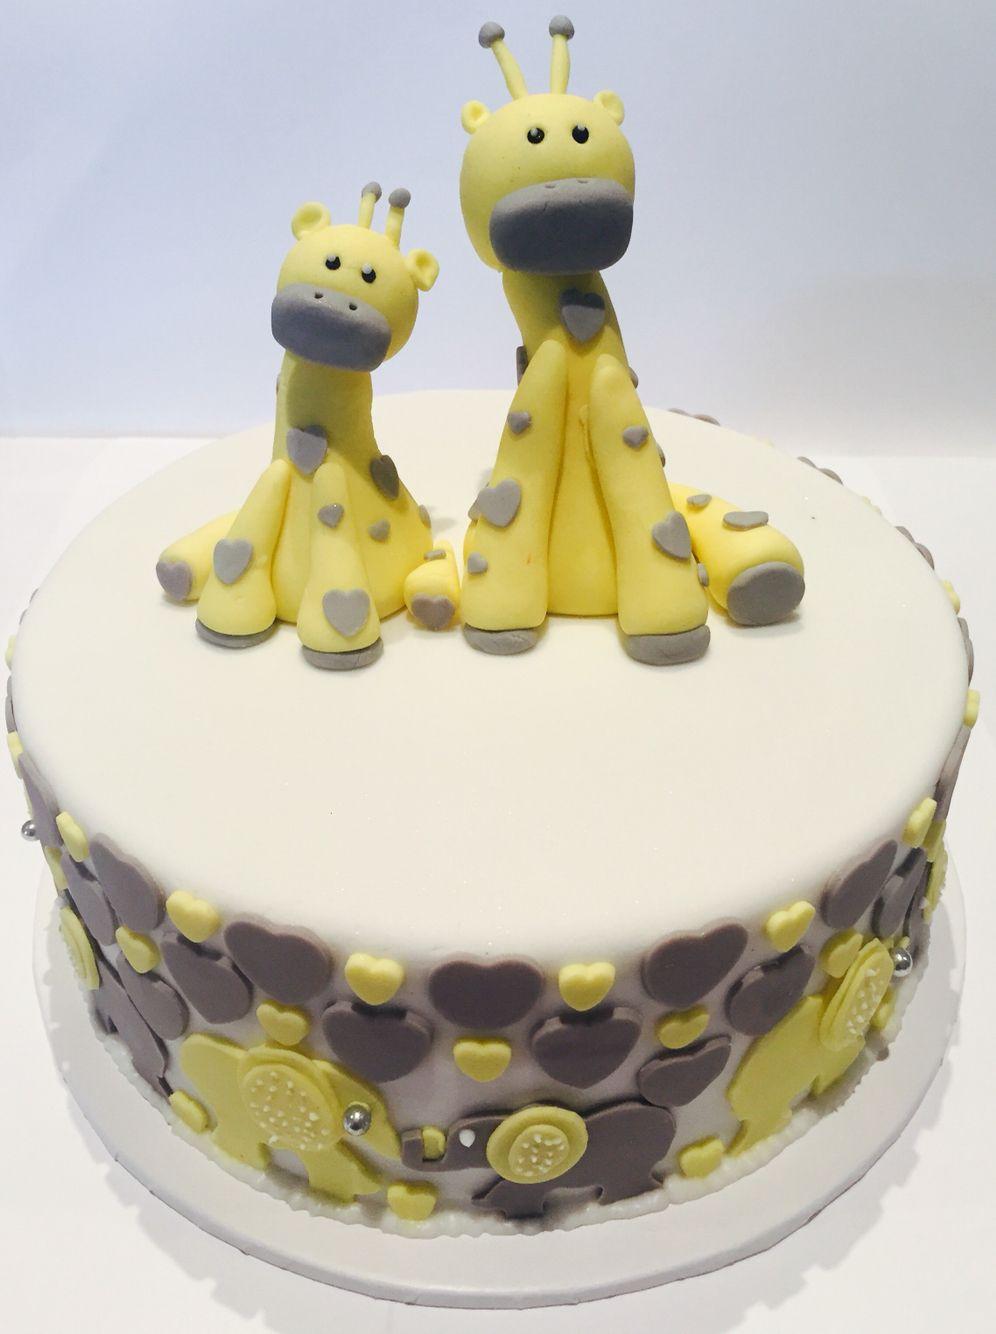 Chocolate mud baby shower cake